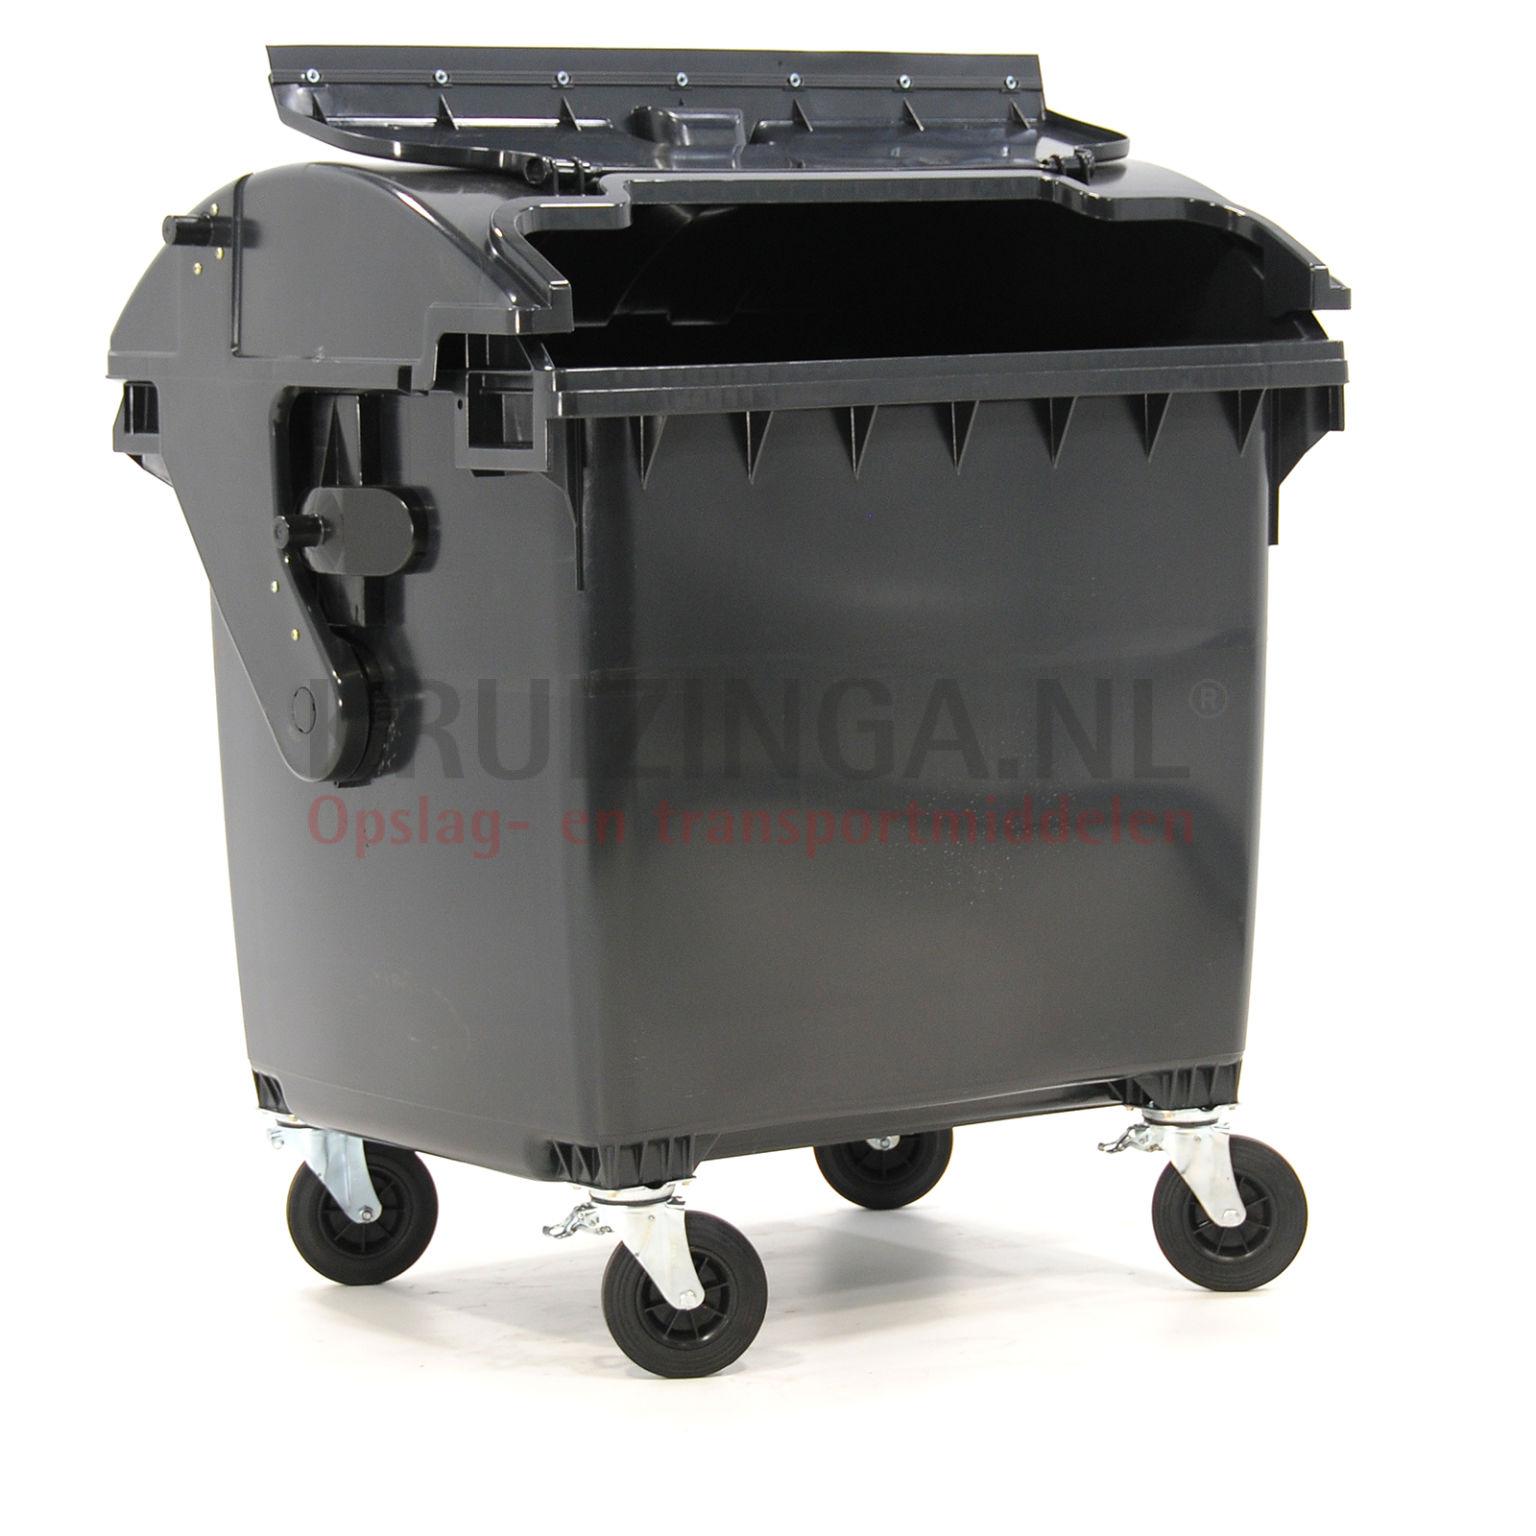 m llcontainer abfall und reinigung geeignet f r die aufnahme mit din adapter mit scharnierdeckel. Black Bedroom Furniture Sets. Home Design Ideas